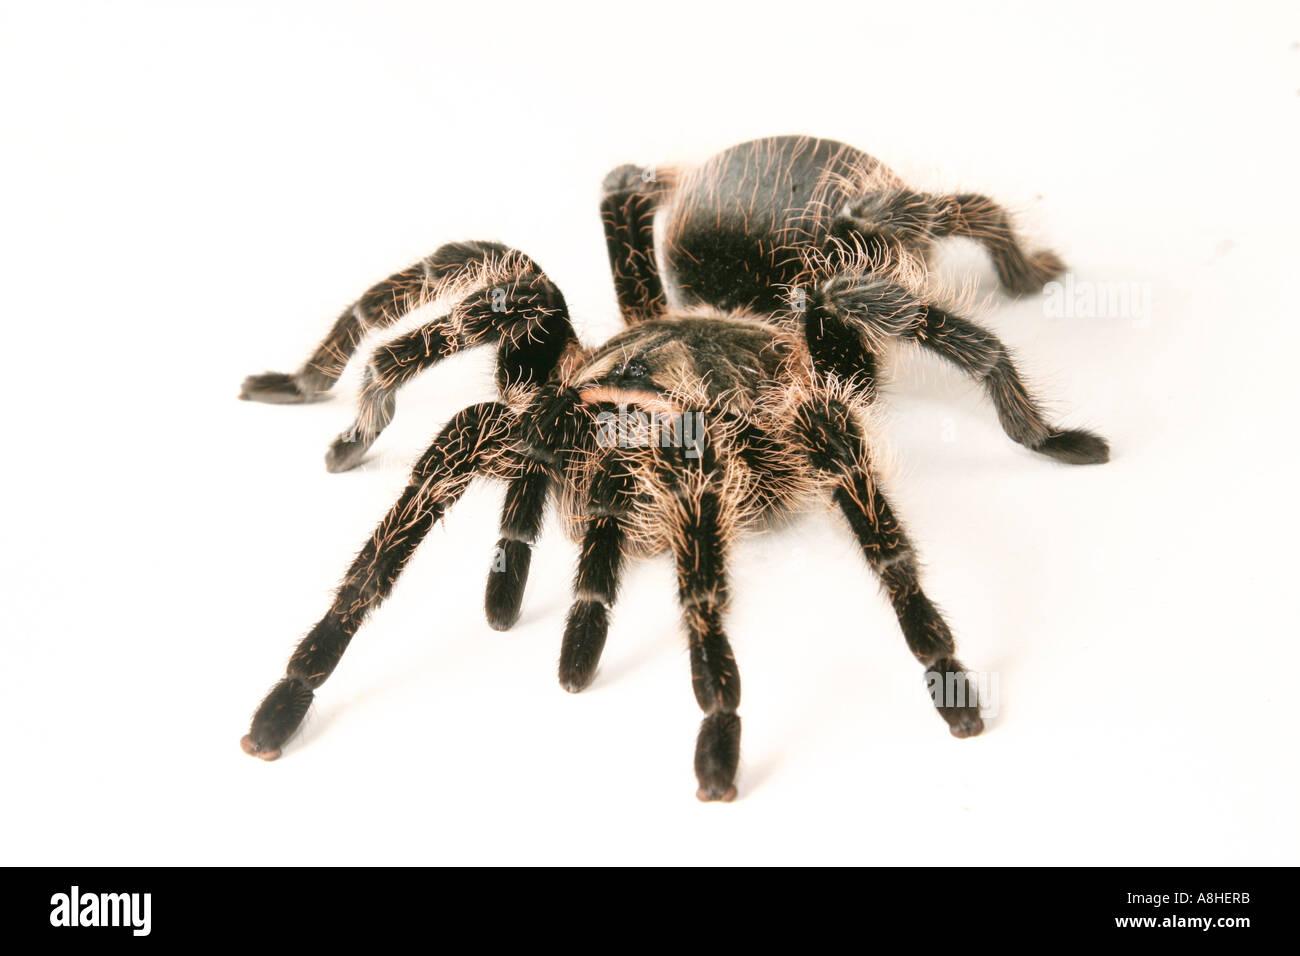 Schön Anatomie Der Spinnen Fotos - Menschliche Anatomie Bilder ...